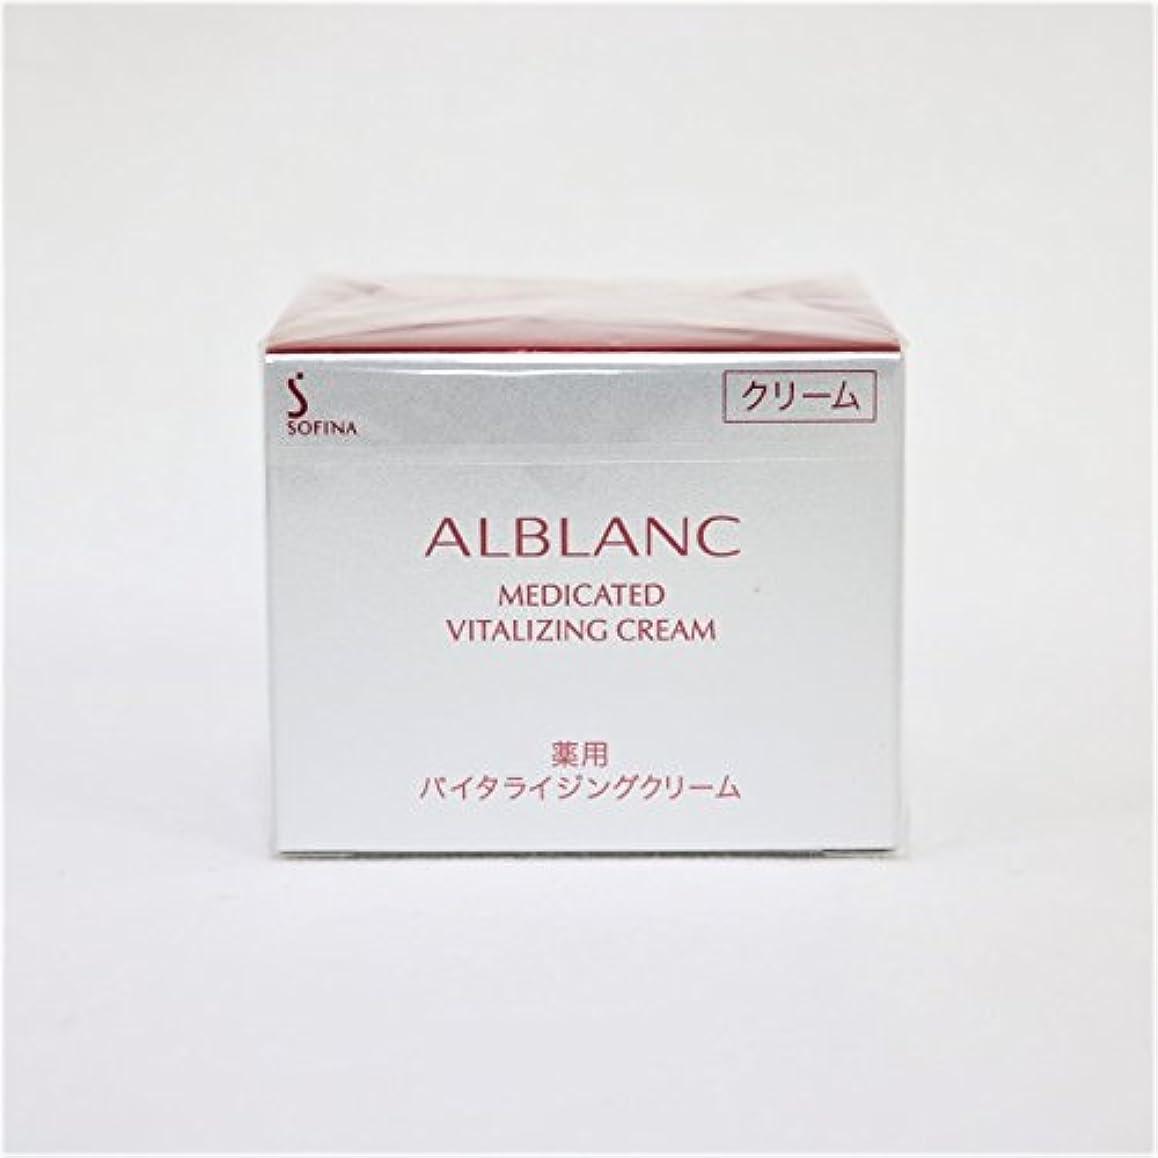 クレタ深める無力ソフィーナ アルブラン 薬用バイタライジングクリーム 40g